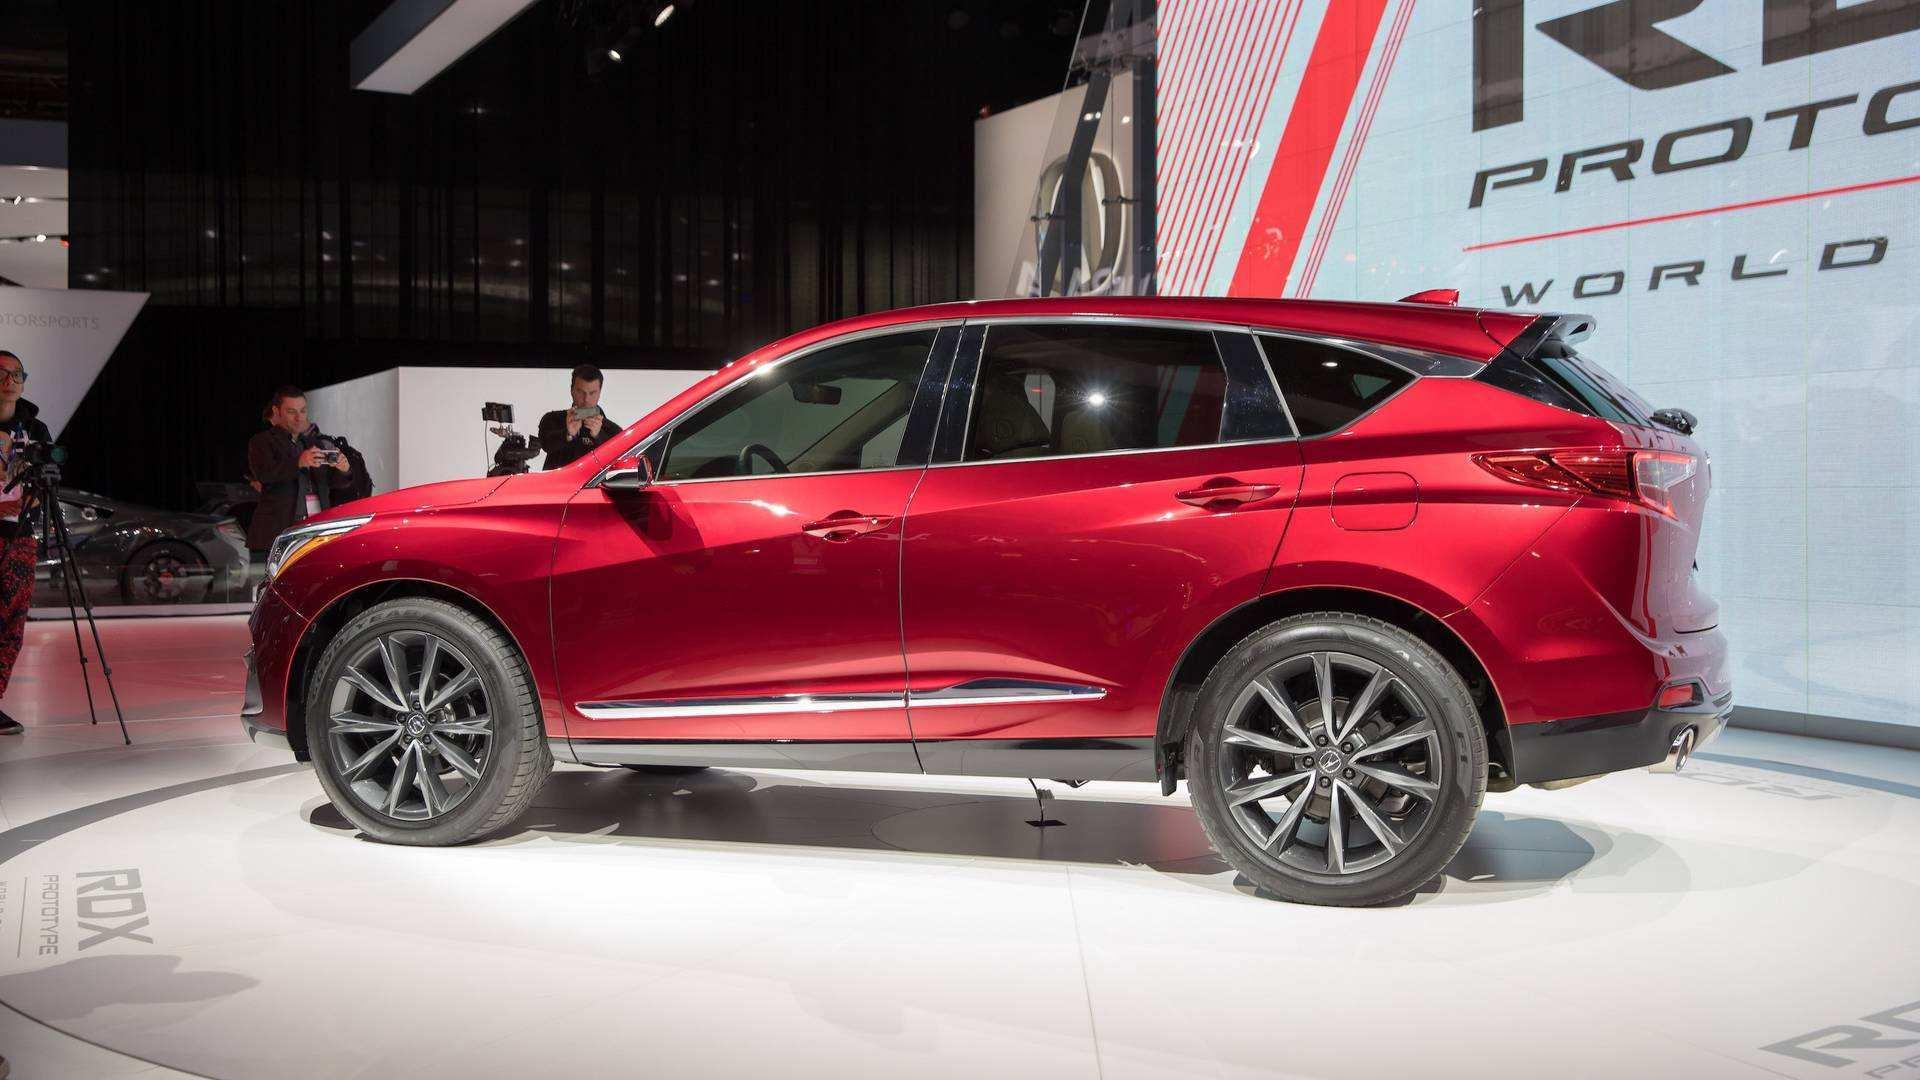 50 New 2019 Acura Rdx Prototype Configurations with 2019 Acura Rdx Prototype